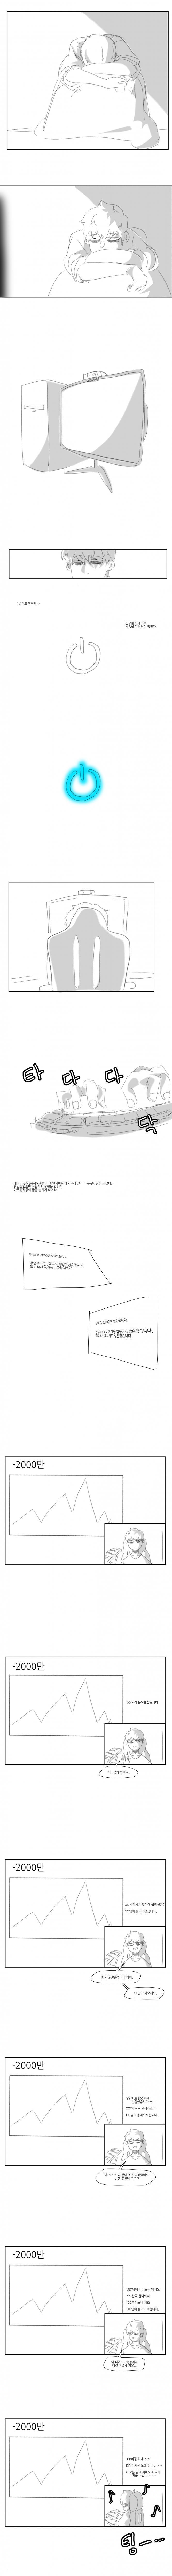 viewimage.php?id=39b8de24e4d53fa37c&no=24b0d769e1d32ca73dec83fa11d028313e457d3f472465ed713dd3021e922a42f24c5451cdd054fac0bdb609b439067bfc4d62c35526f44f5f3dbeeb545615ac6cd407eb